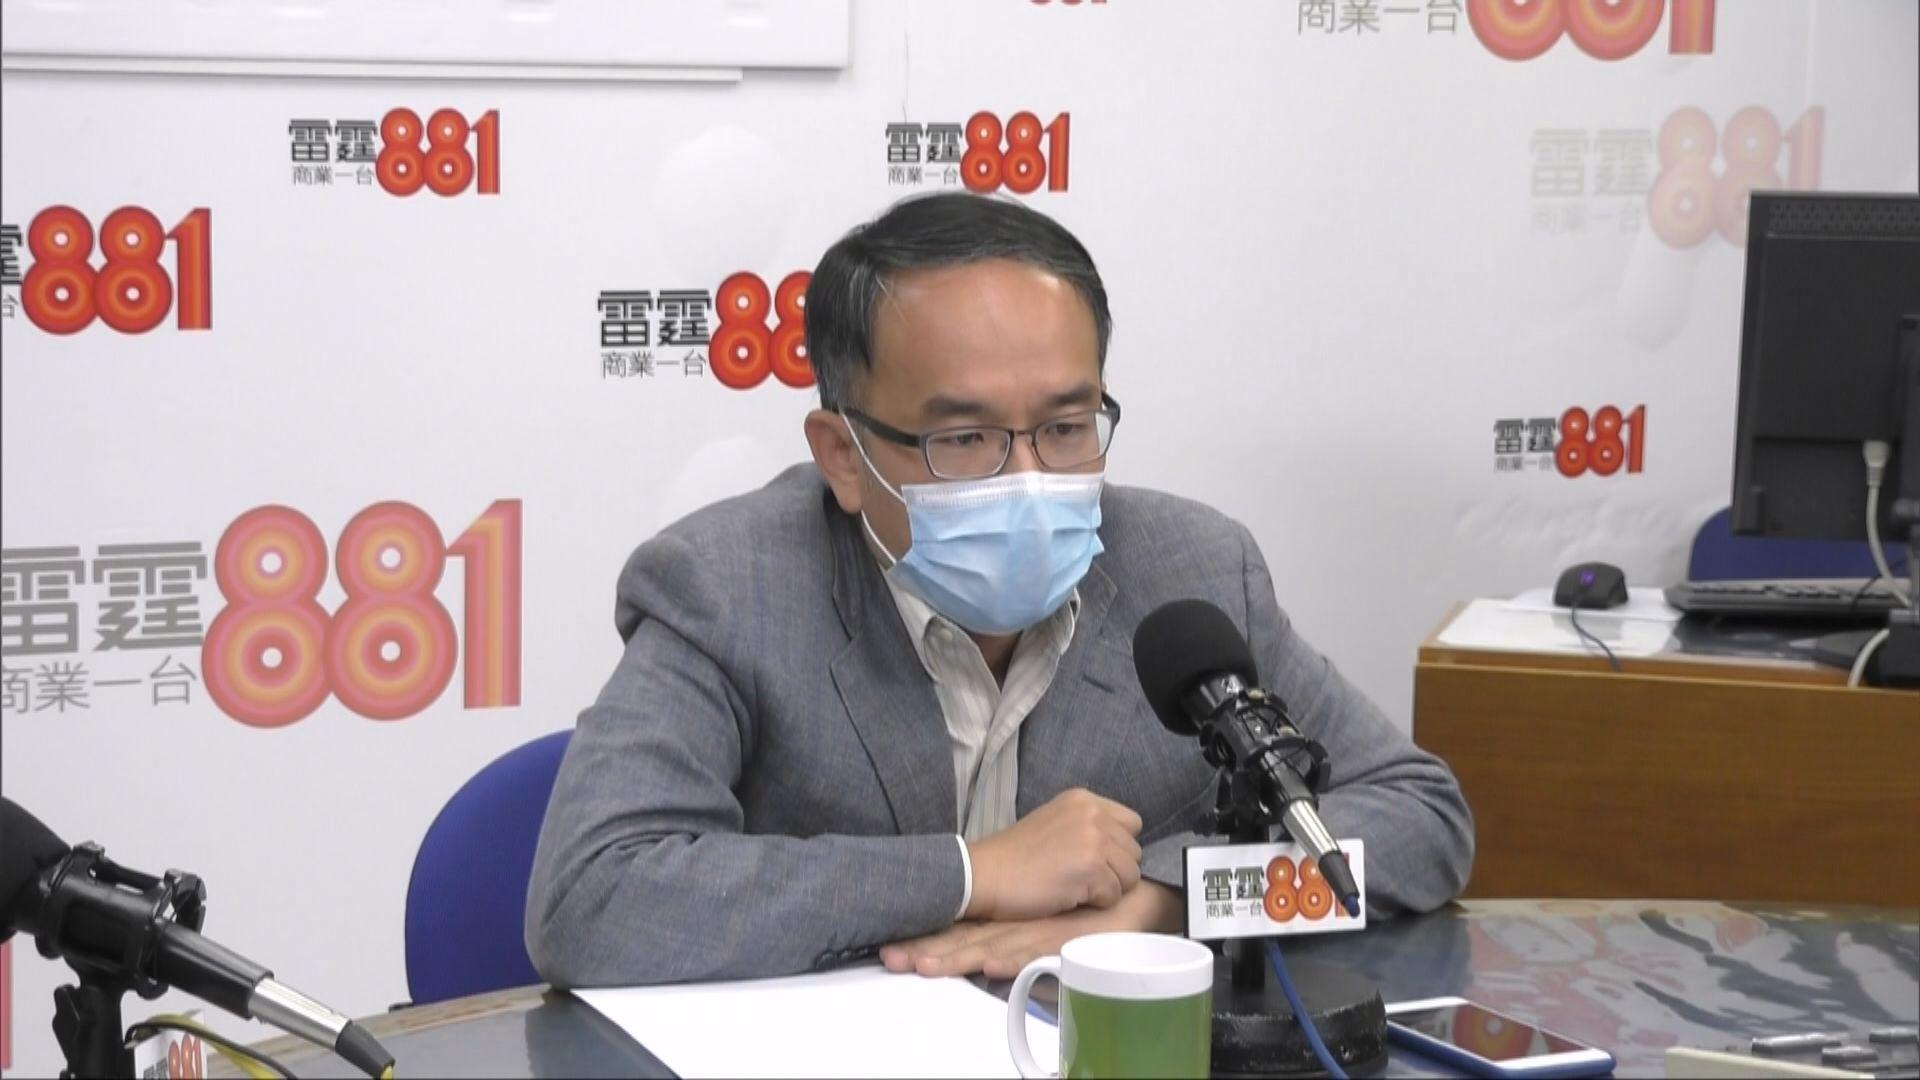 許正宇 : 派一萬元計劃六月底接受申請